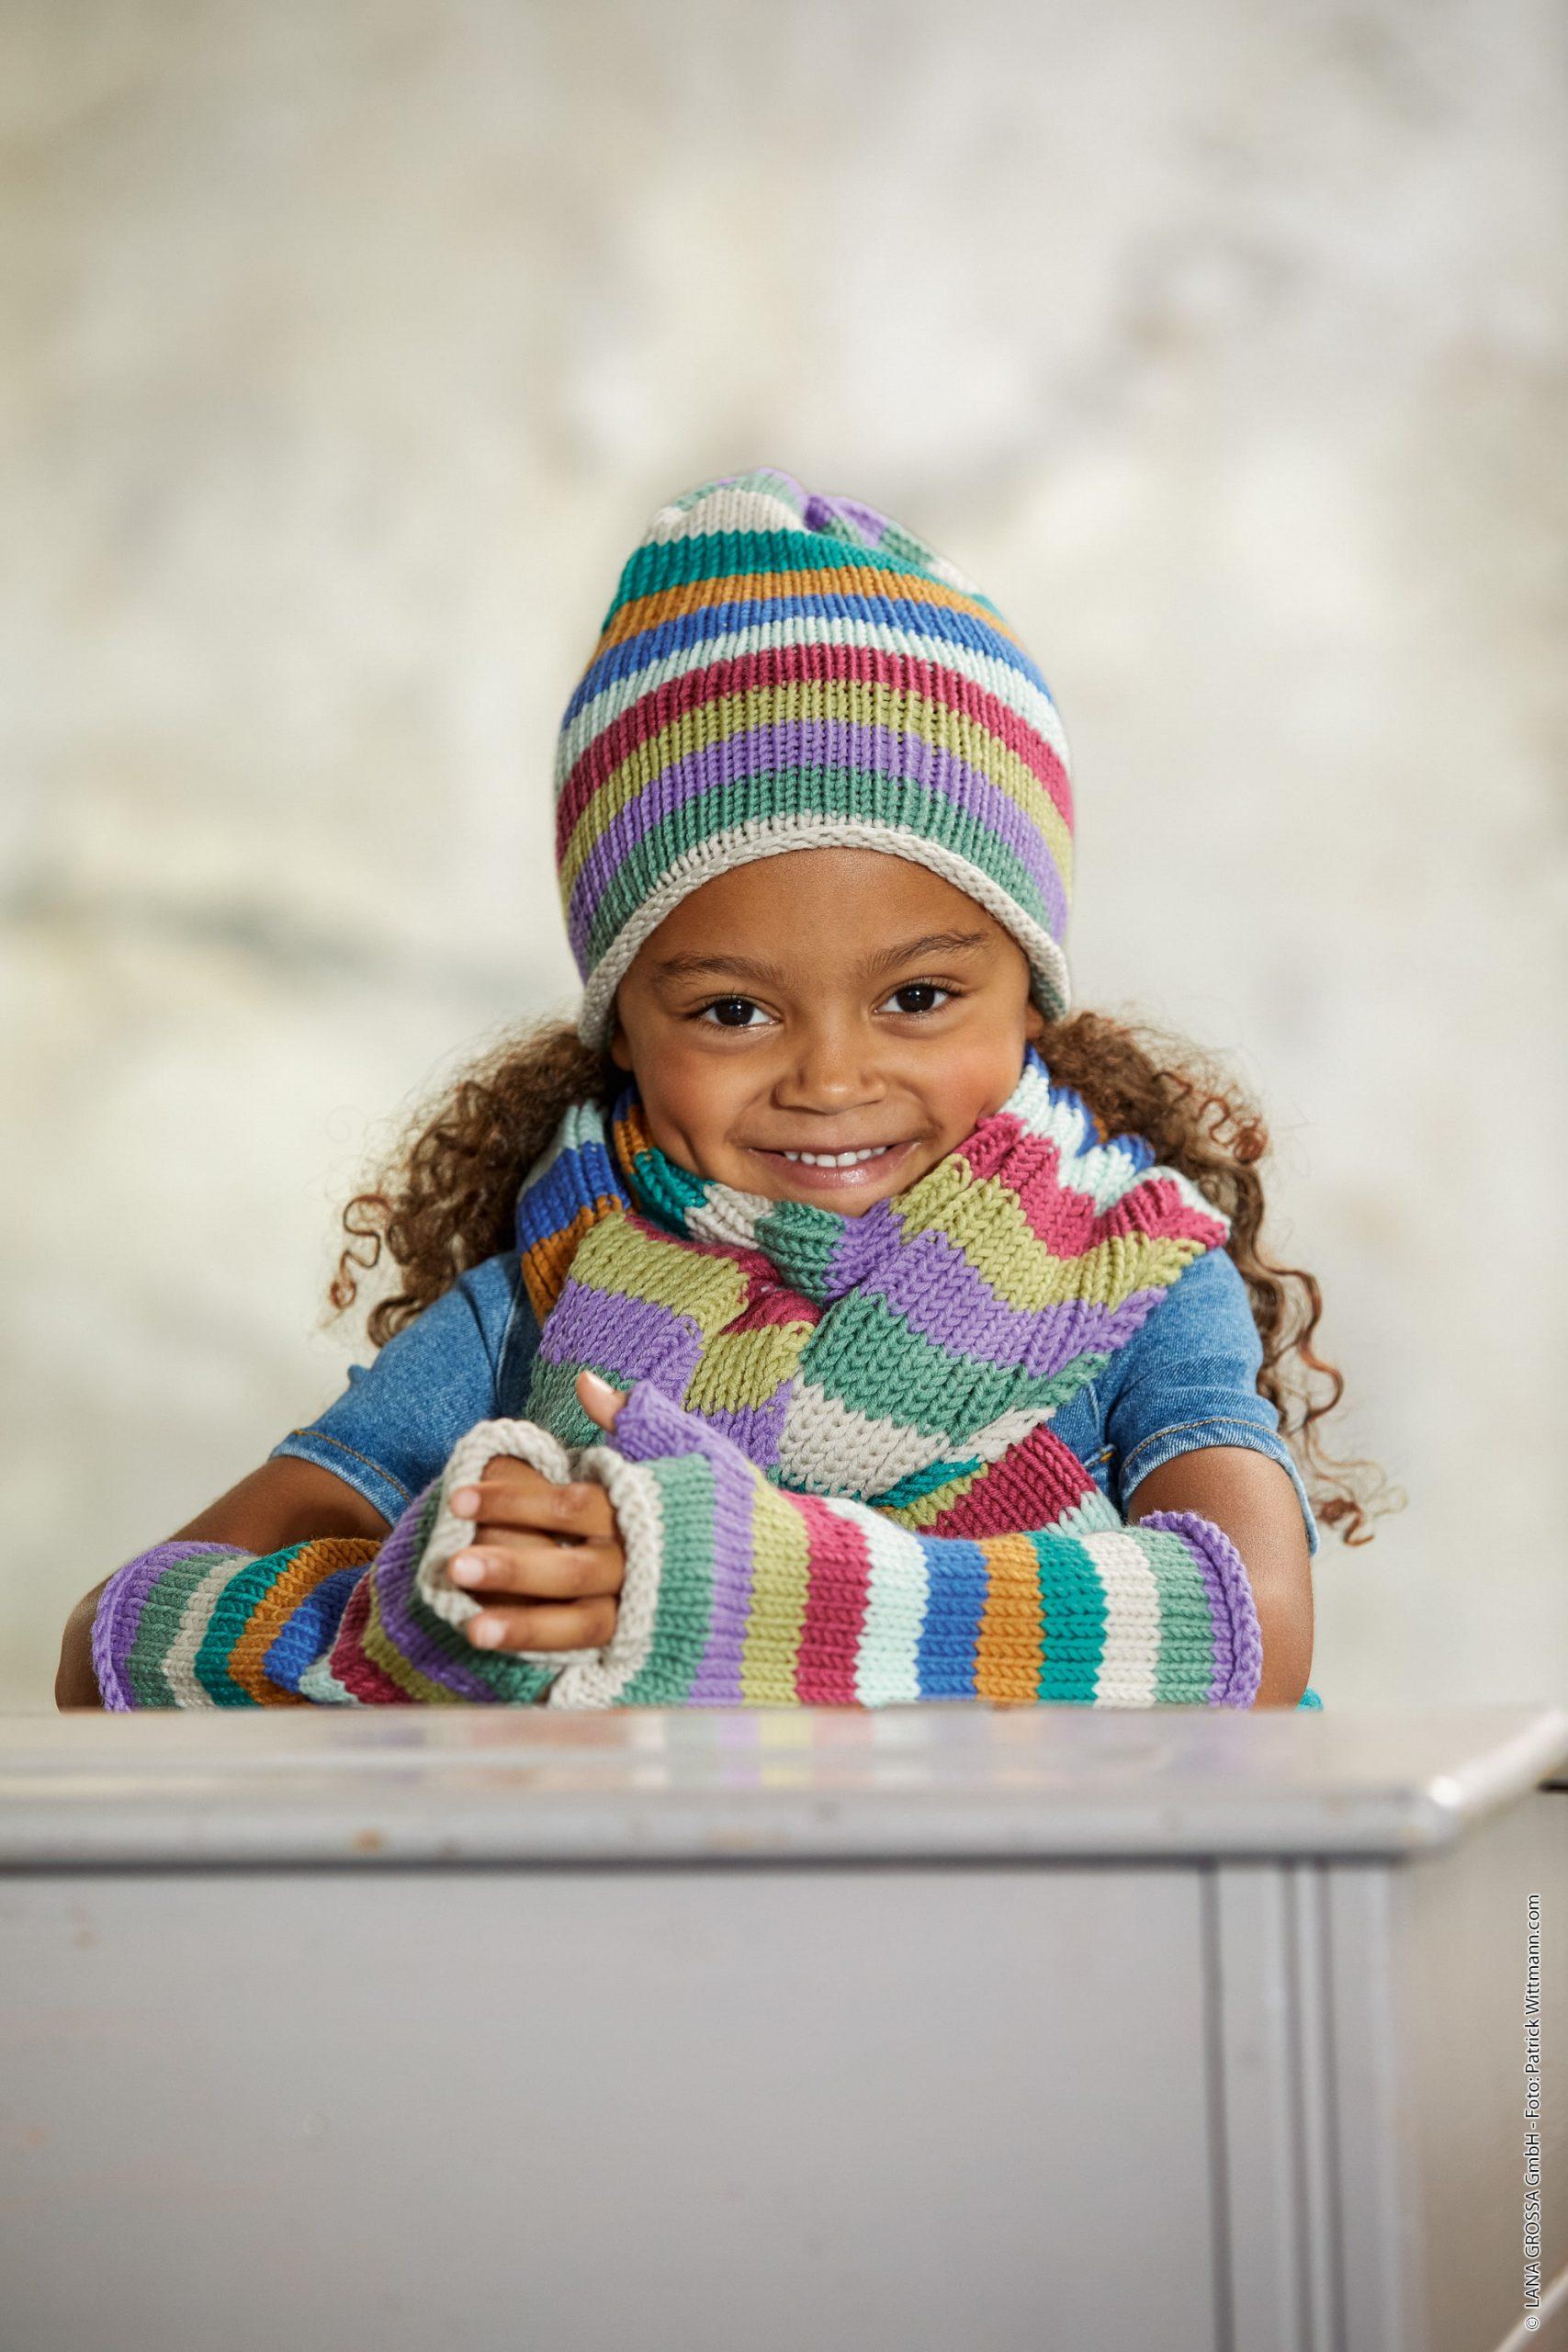 Modello di guanti a fasce multicolori per bambini ai ferri Lana Grossa Bingo - Fornasari Distribuzione